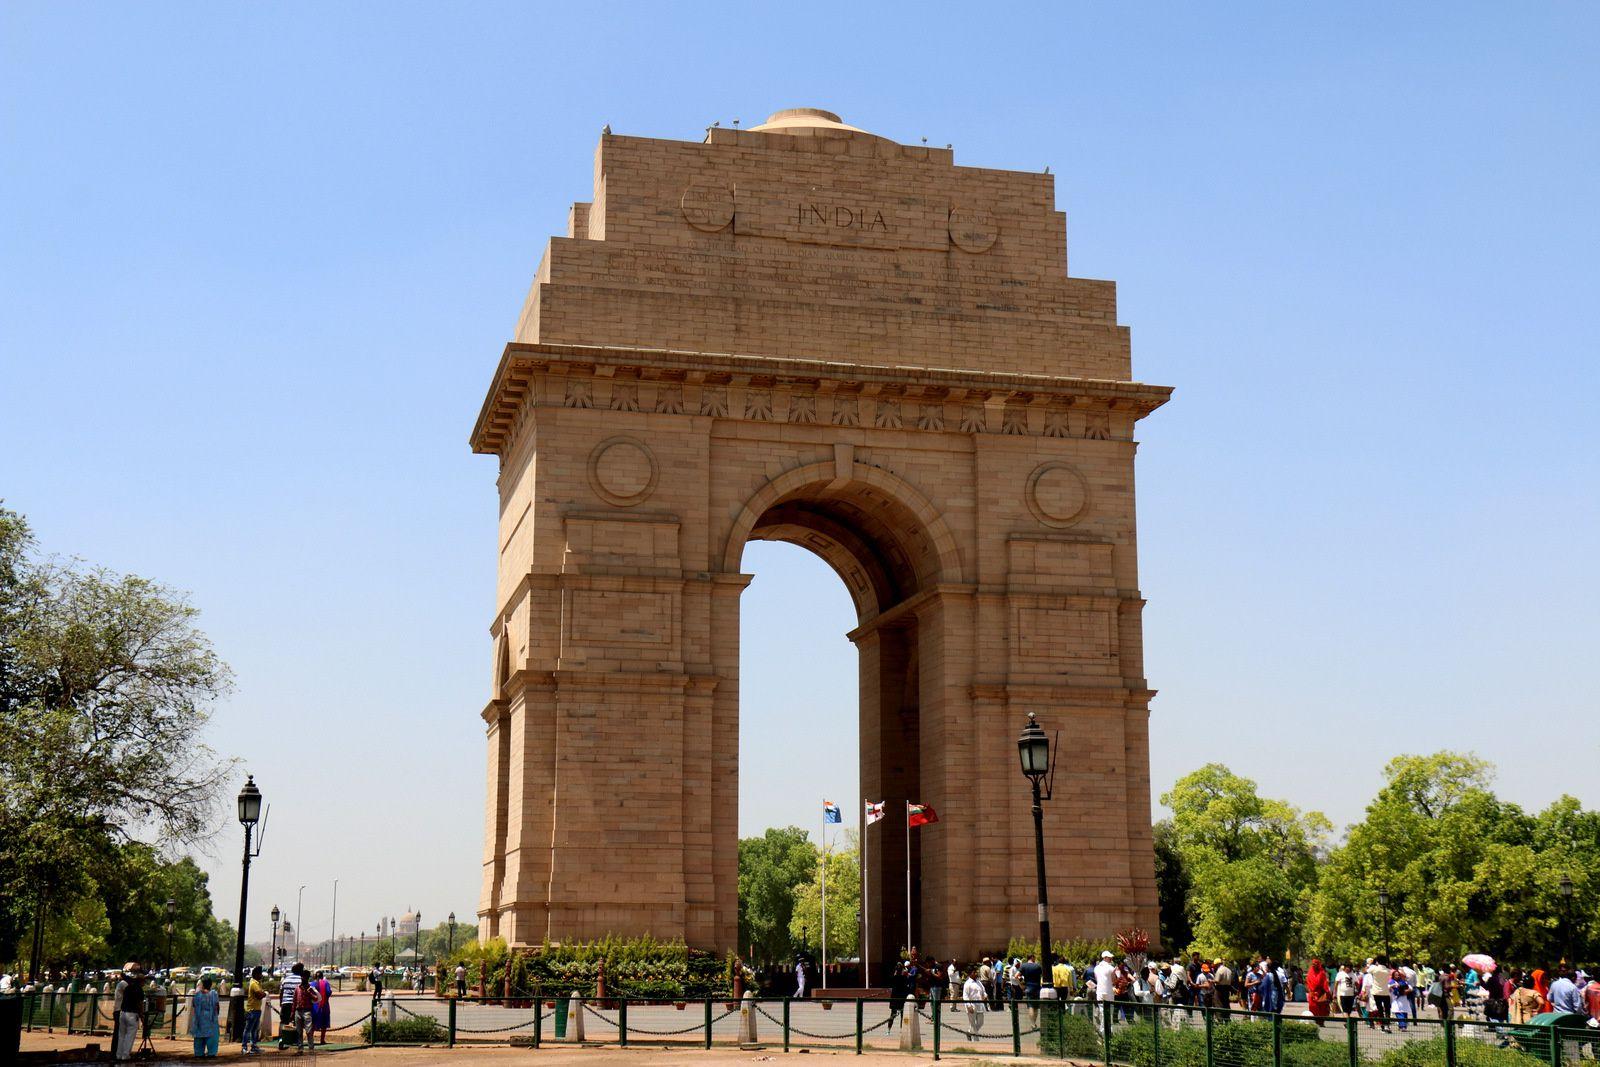 La porte de l'Inde, New Delhi